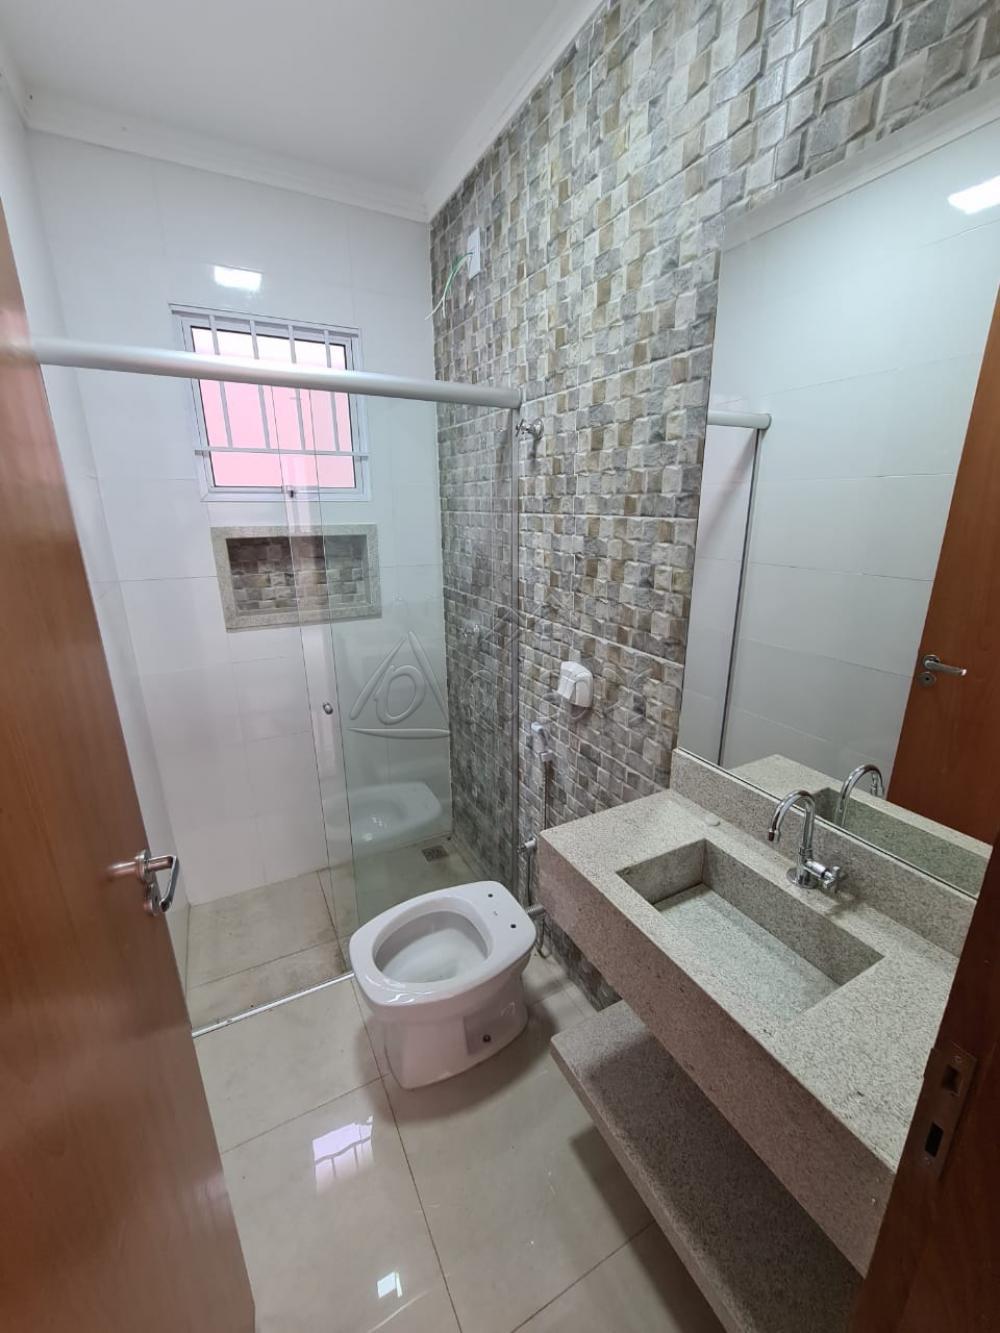 Comprar Apartamento / Padrão em Barretos apenas R$ 210.000,00 - Foto 11